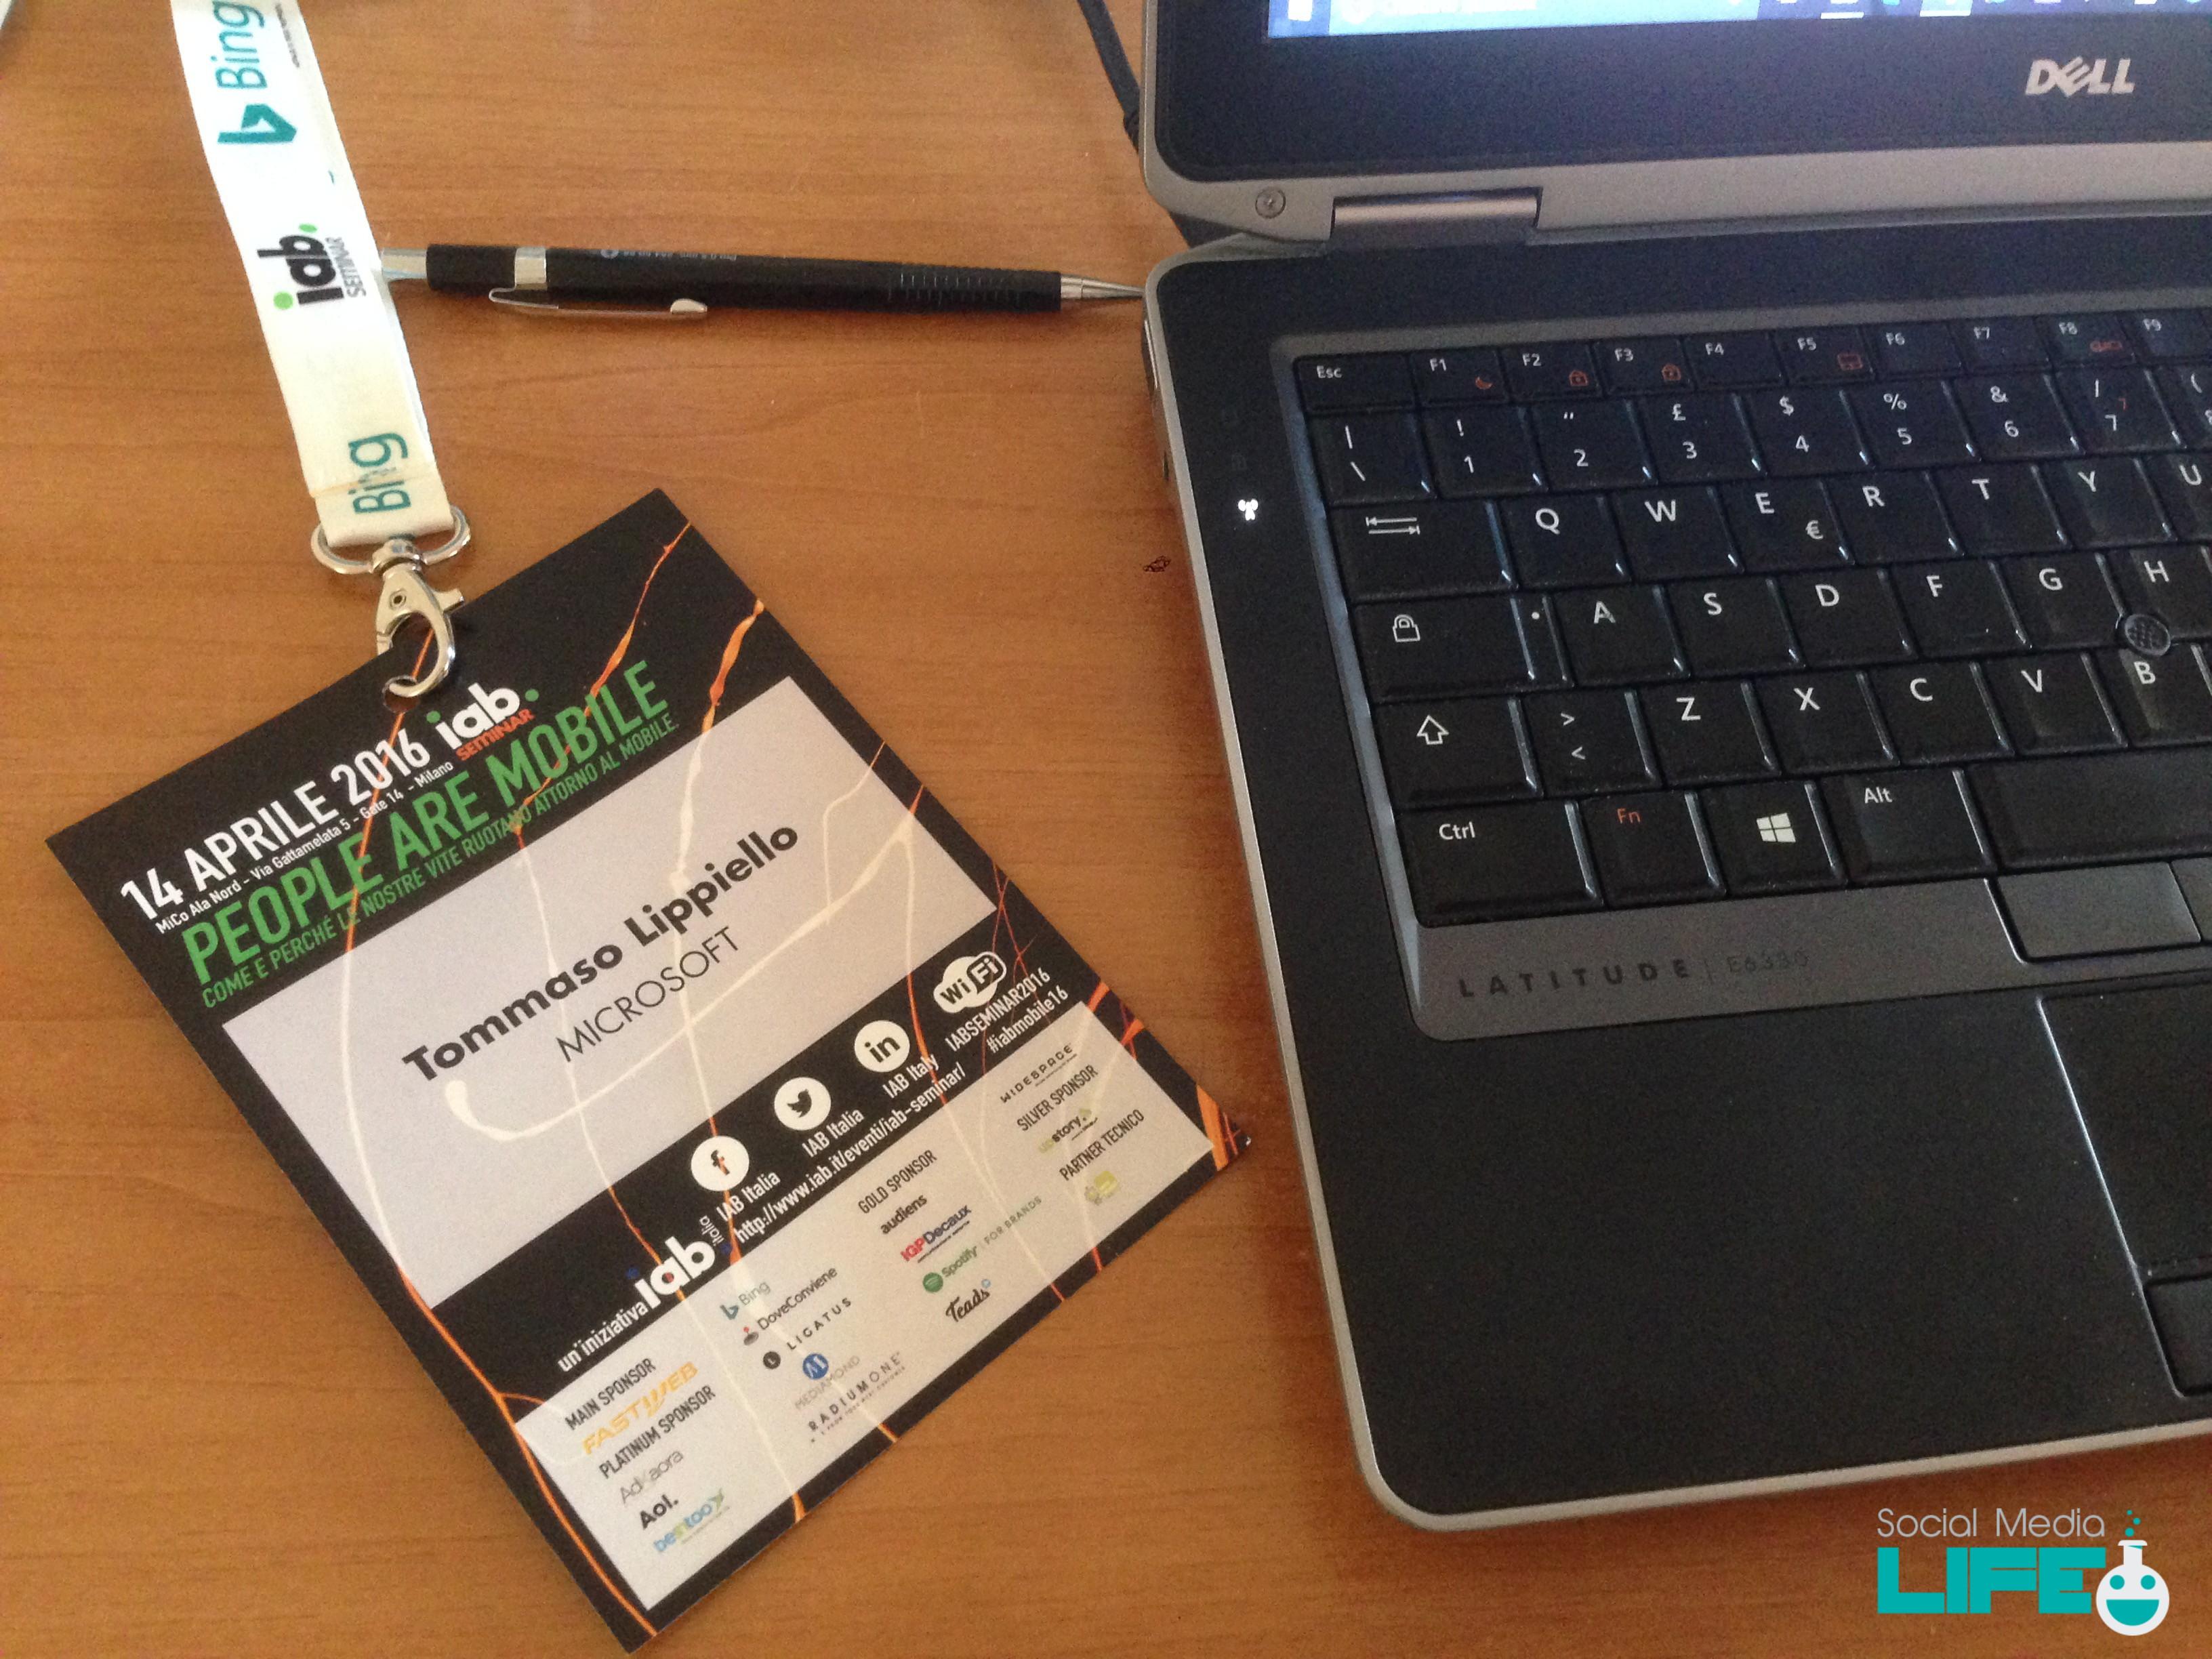 IAB Mobile Seminar 2016 - Futuro Mobile Italia